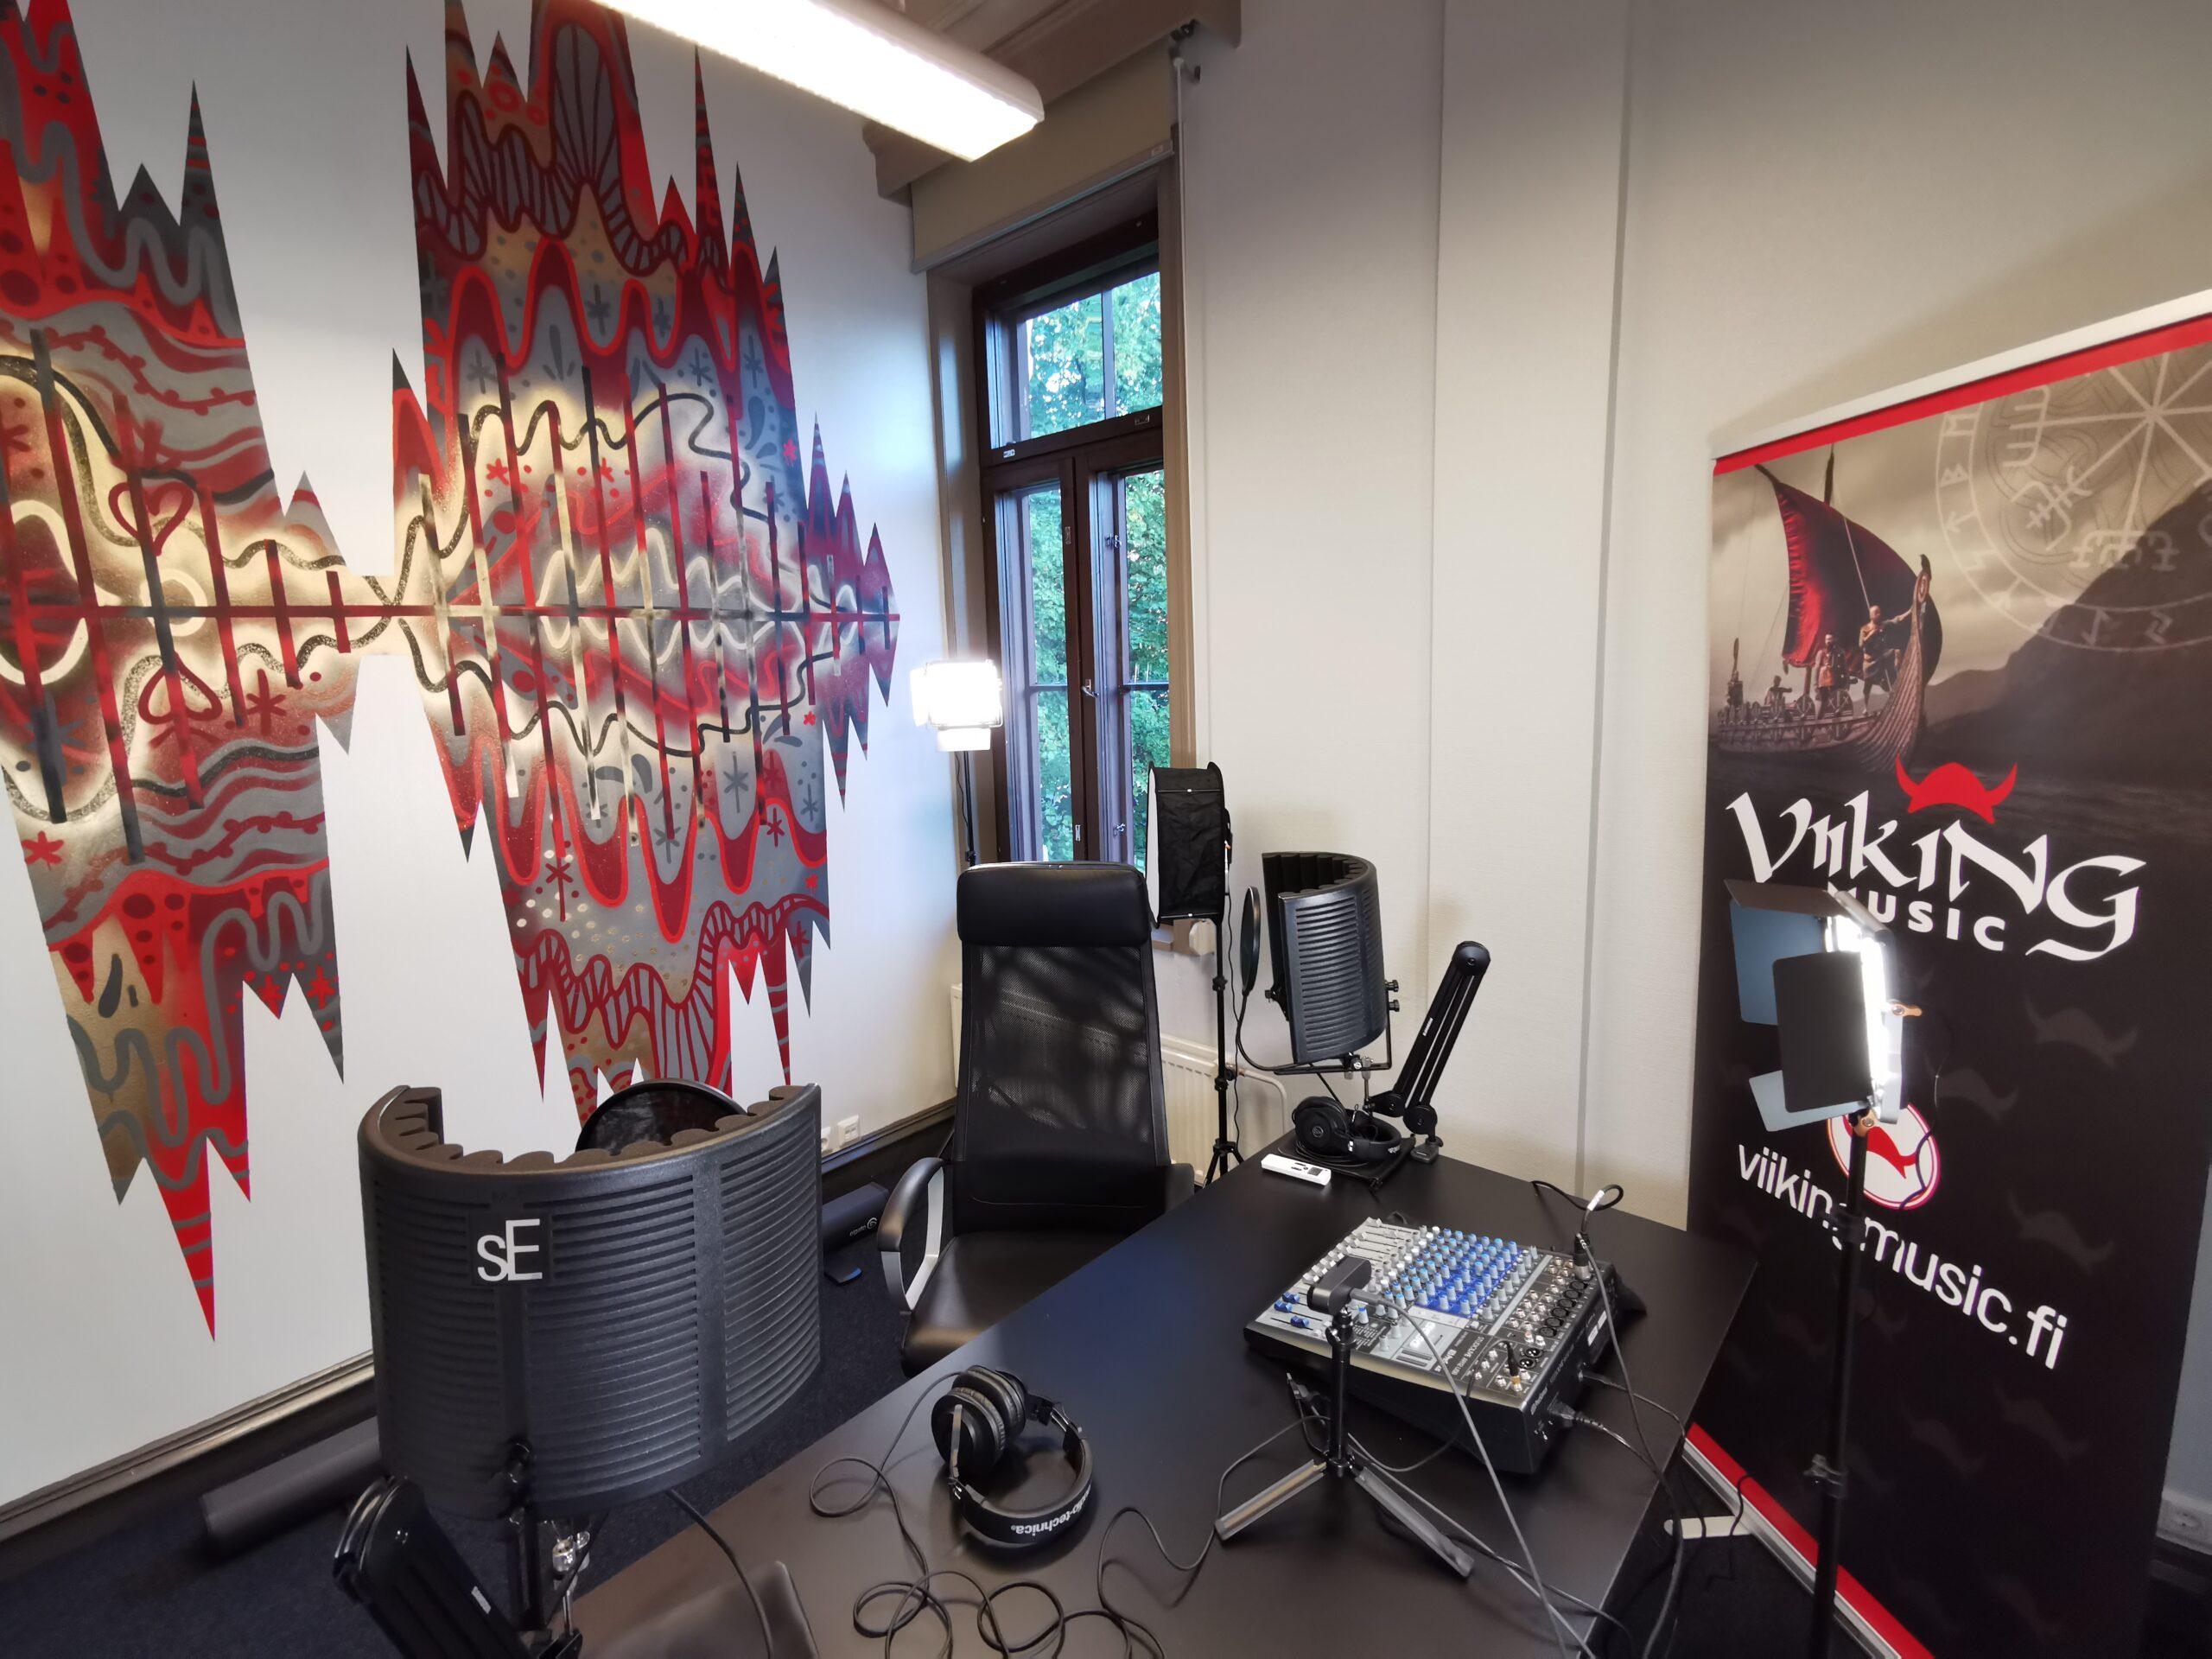 Viiking Music Studio